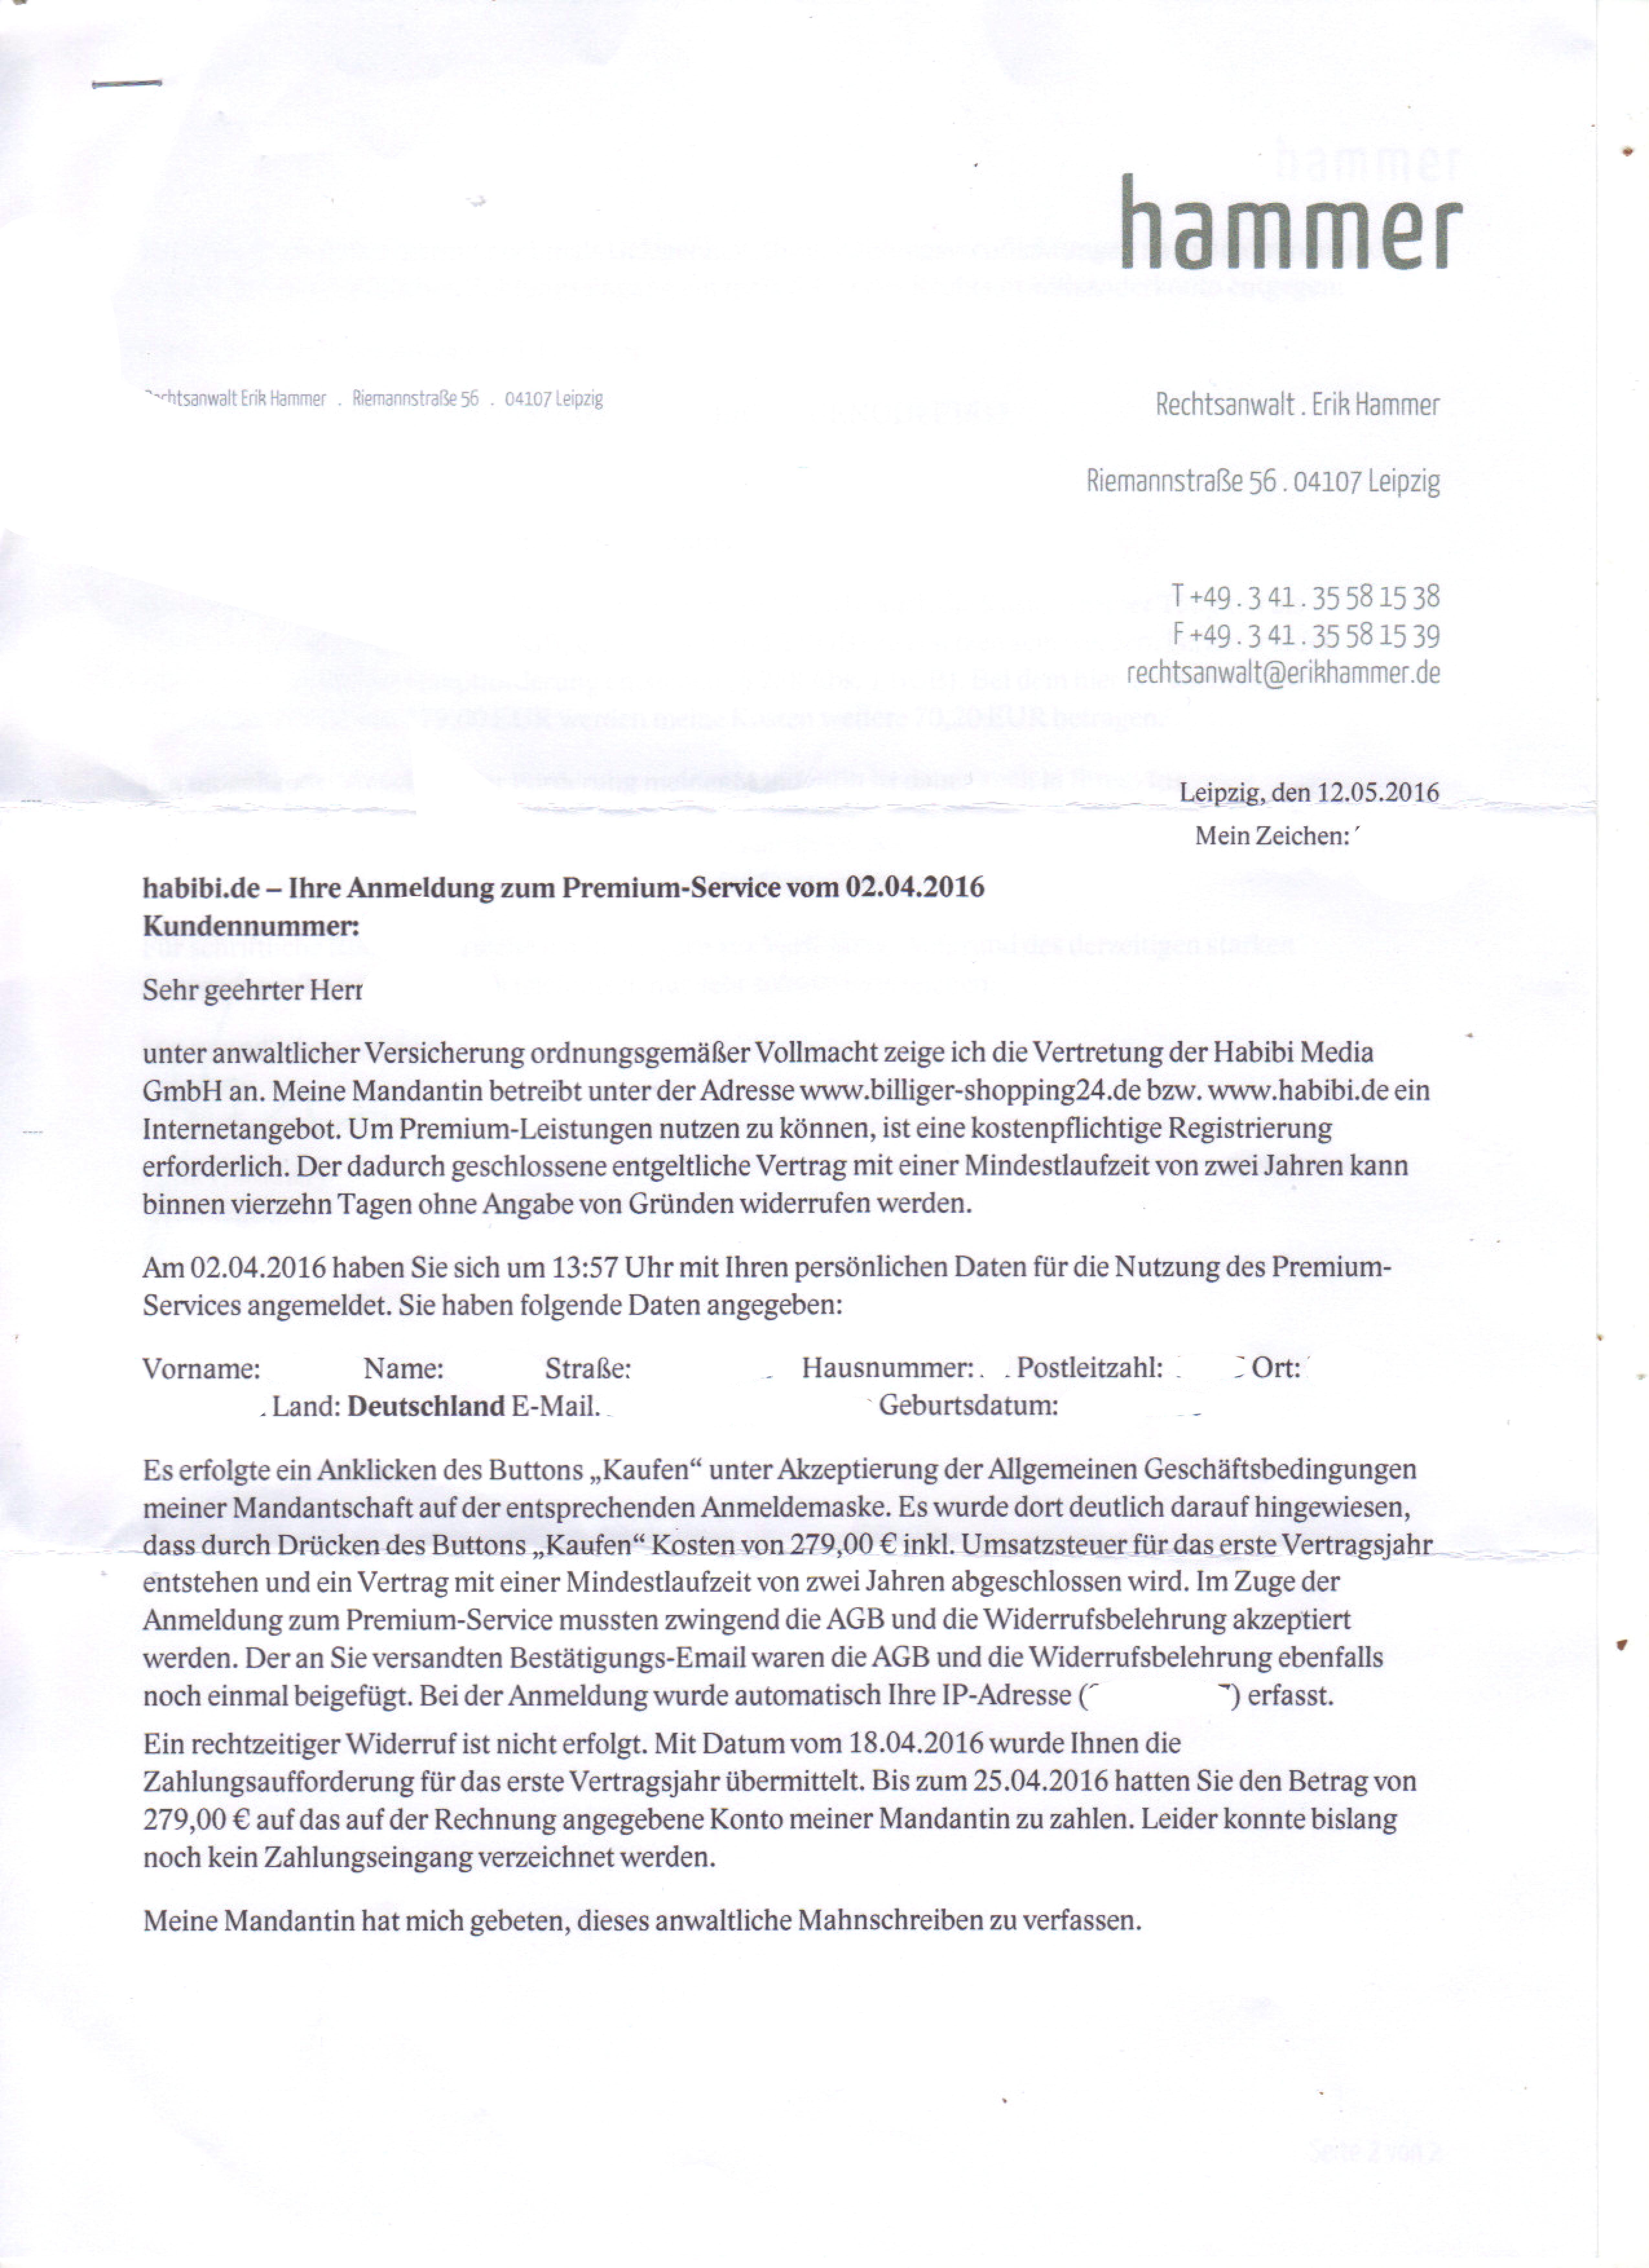 Brief Nach Zwei Tagen Nicht Da : Ich habe heute ein brief bekomme von rechtsanwalt erik